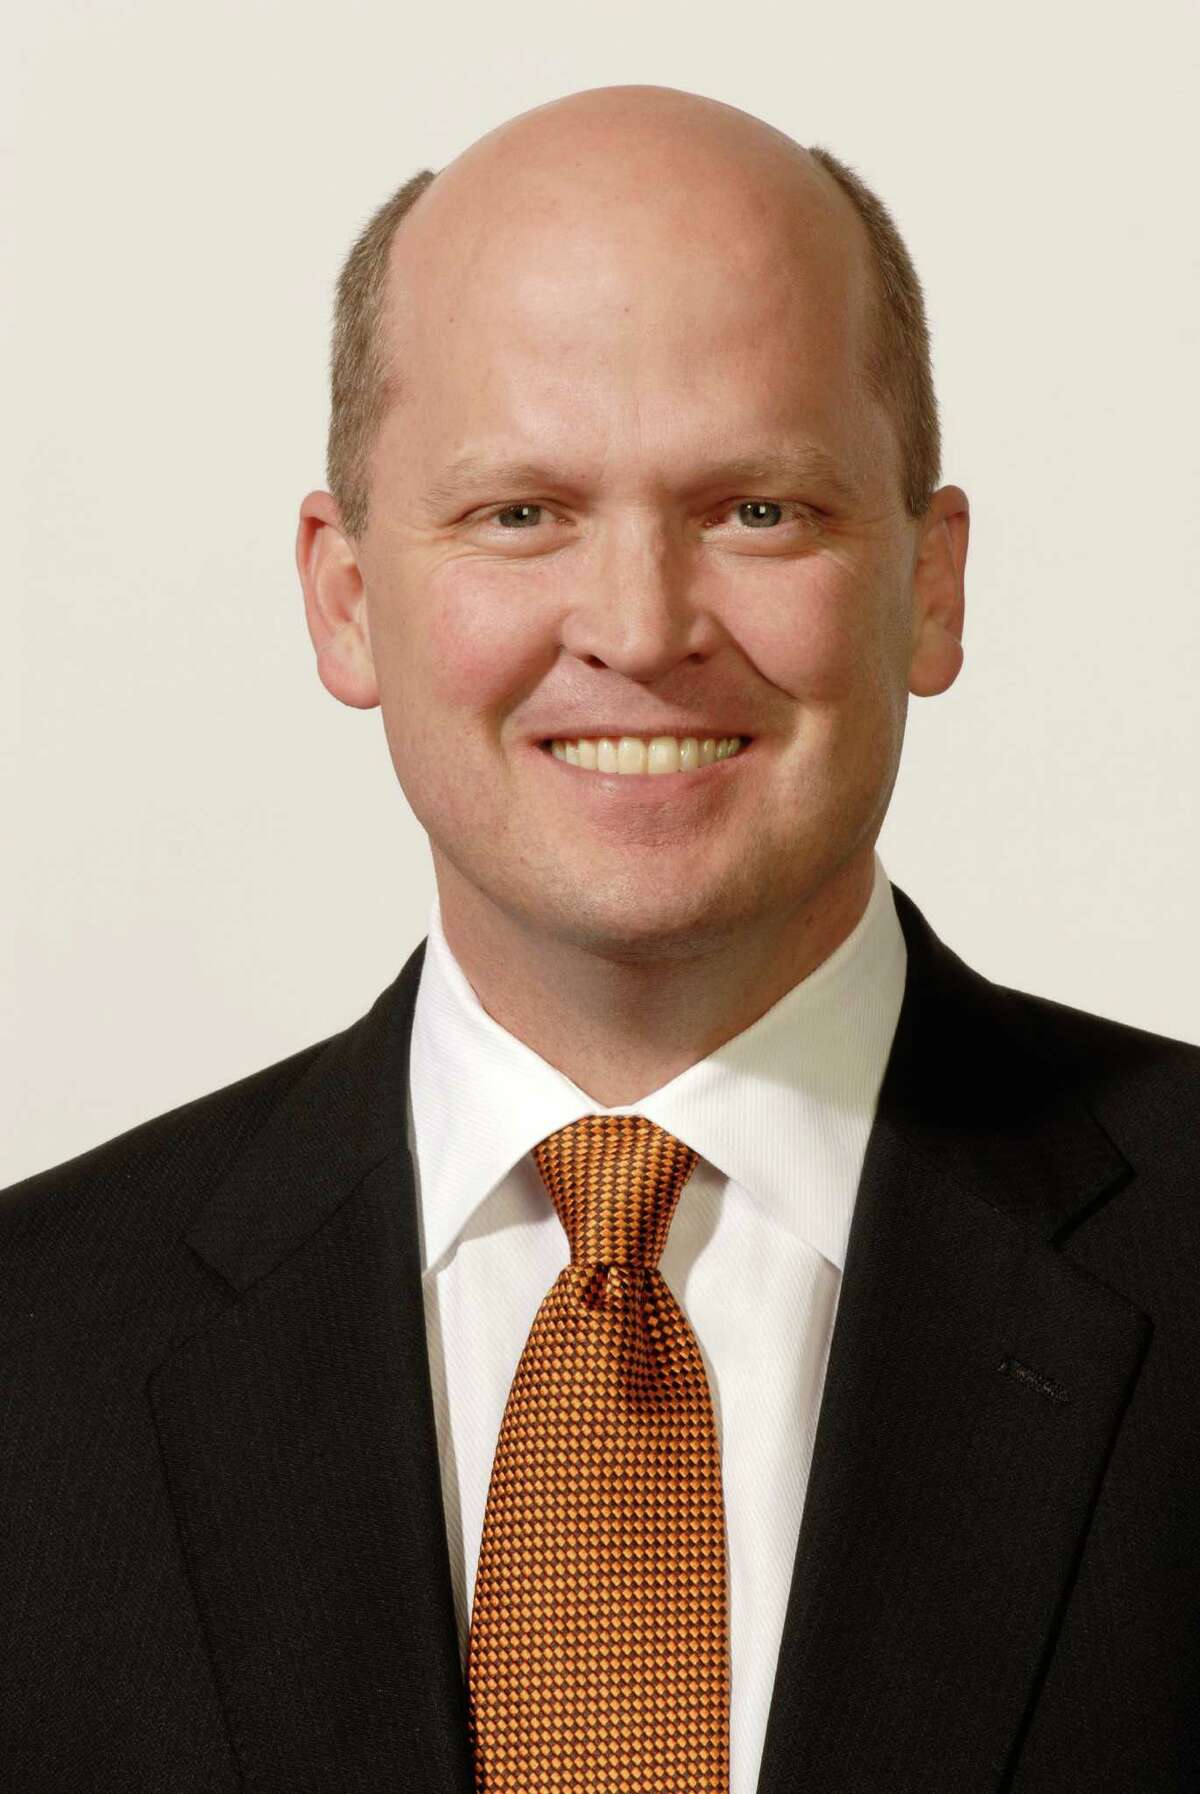 San Antonio attorney Mikal Watts